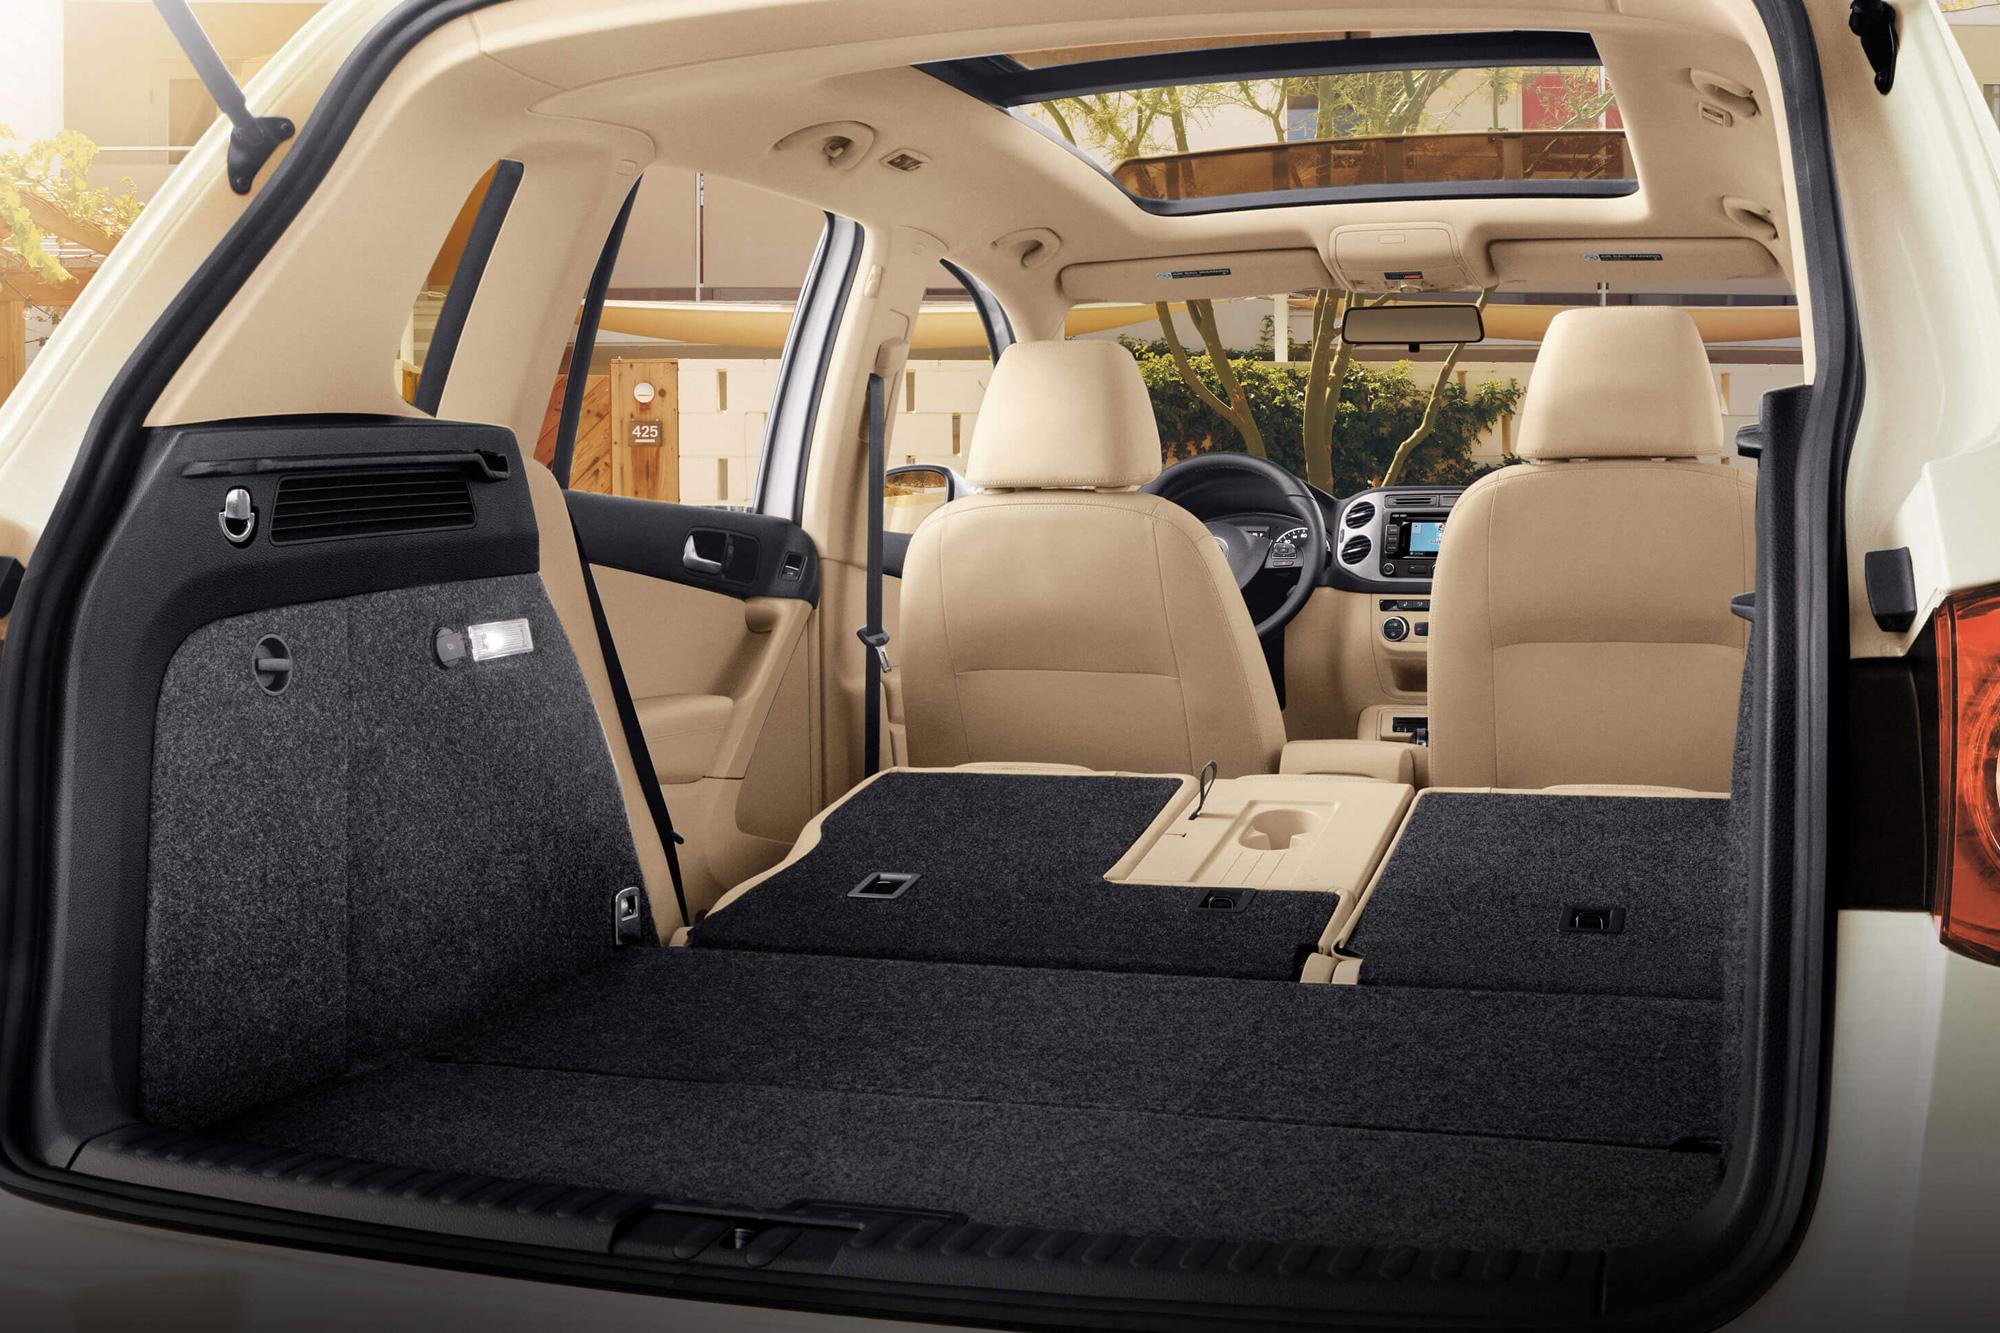 2015 volkswagen tiguan review - Volkswagen tiguan interior ...